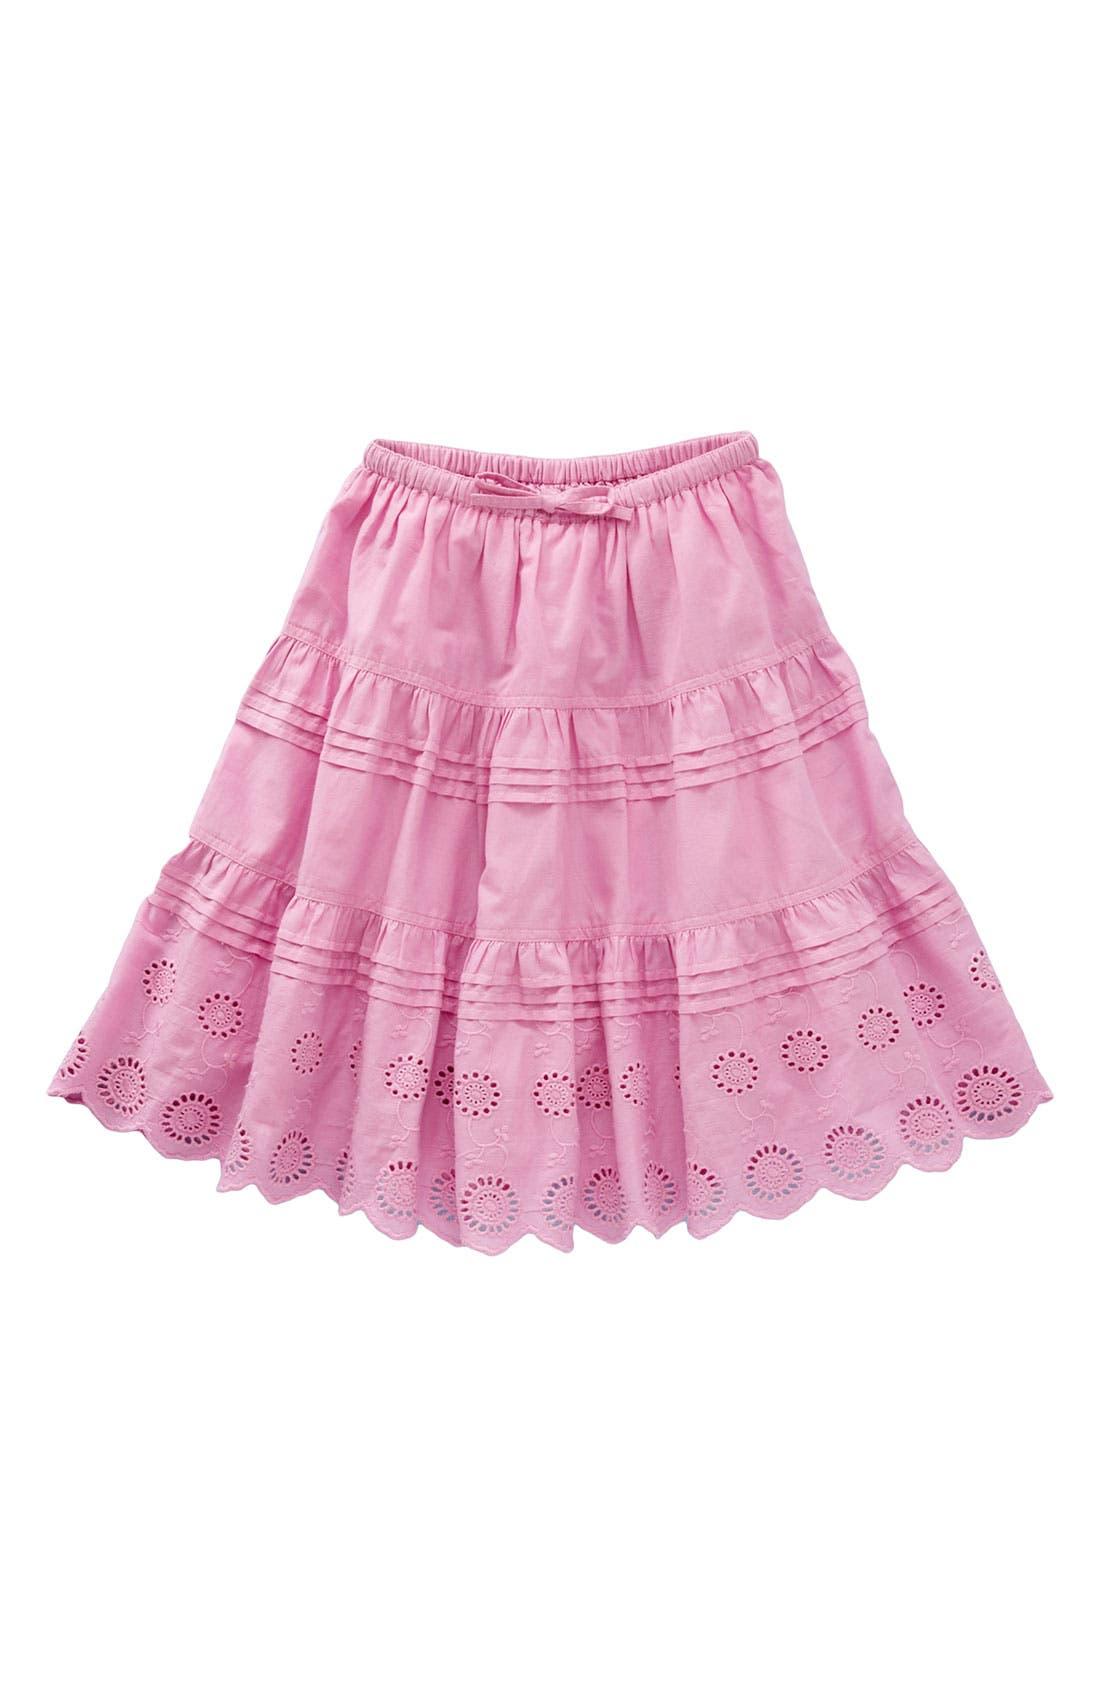 Alternate Image 1 Selected - Mini Boden 'Broiderie Twirly' Skirt (Little Girl & Big Girl)